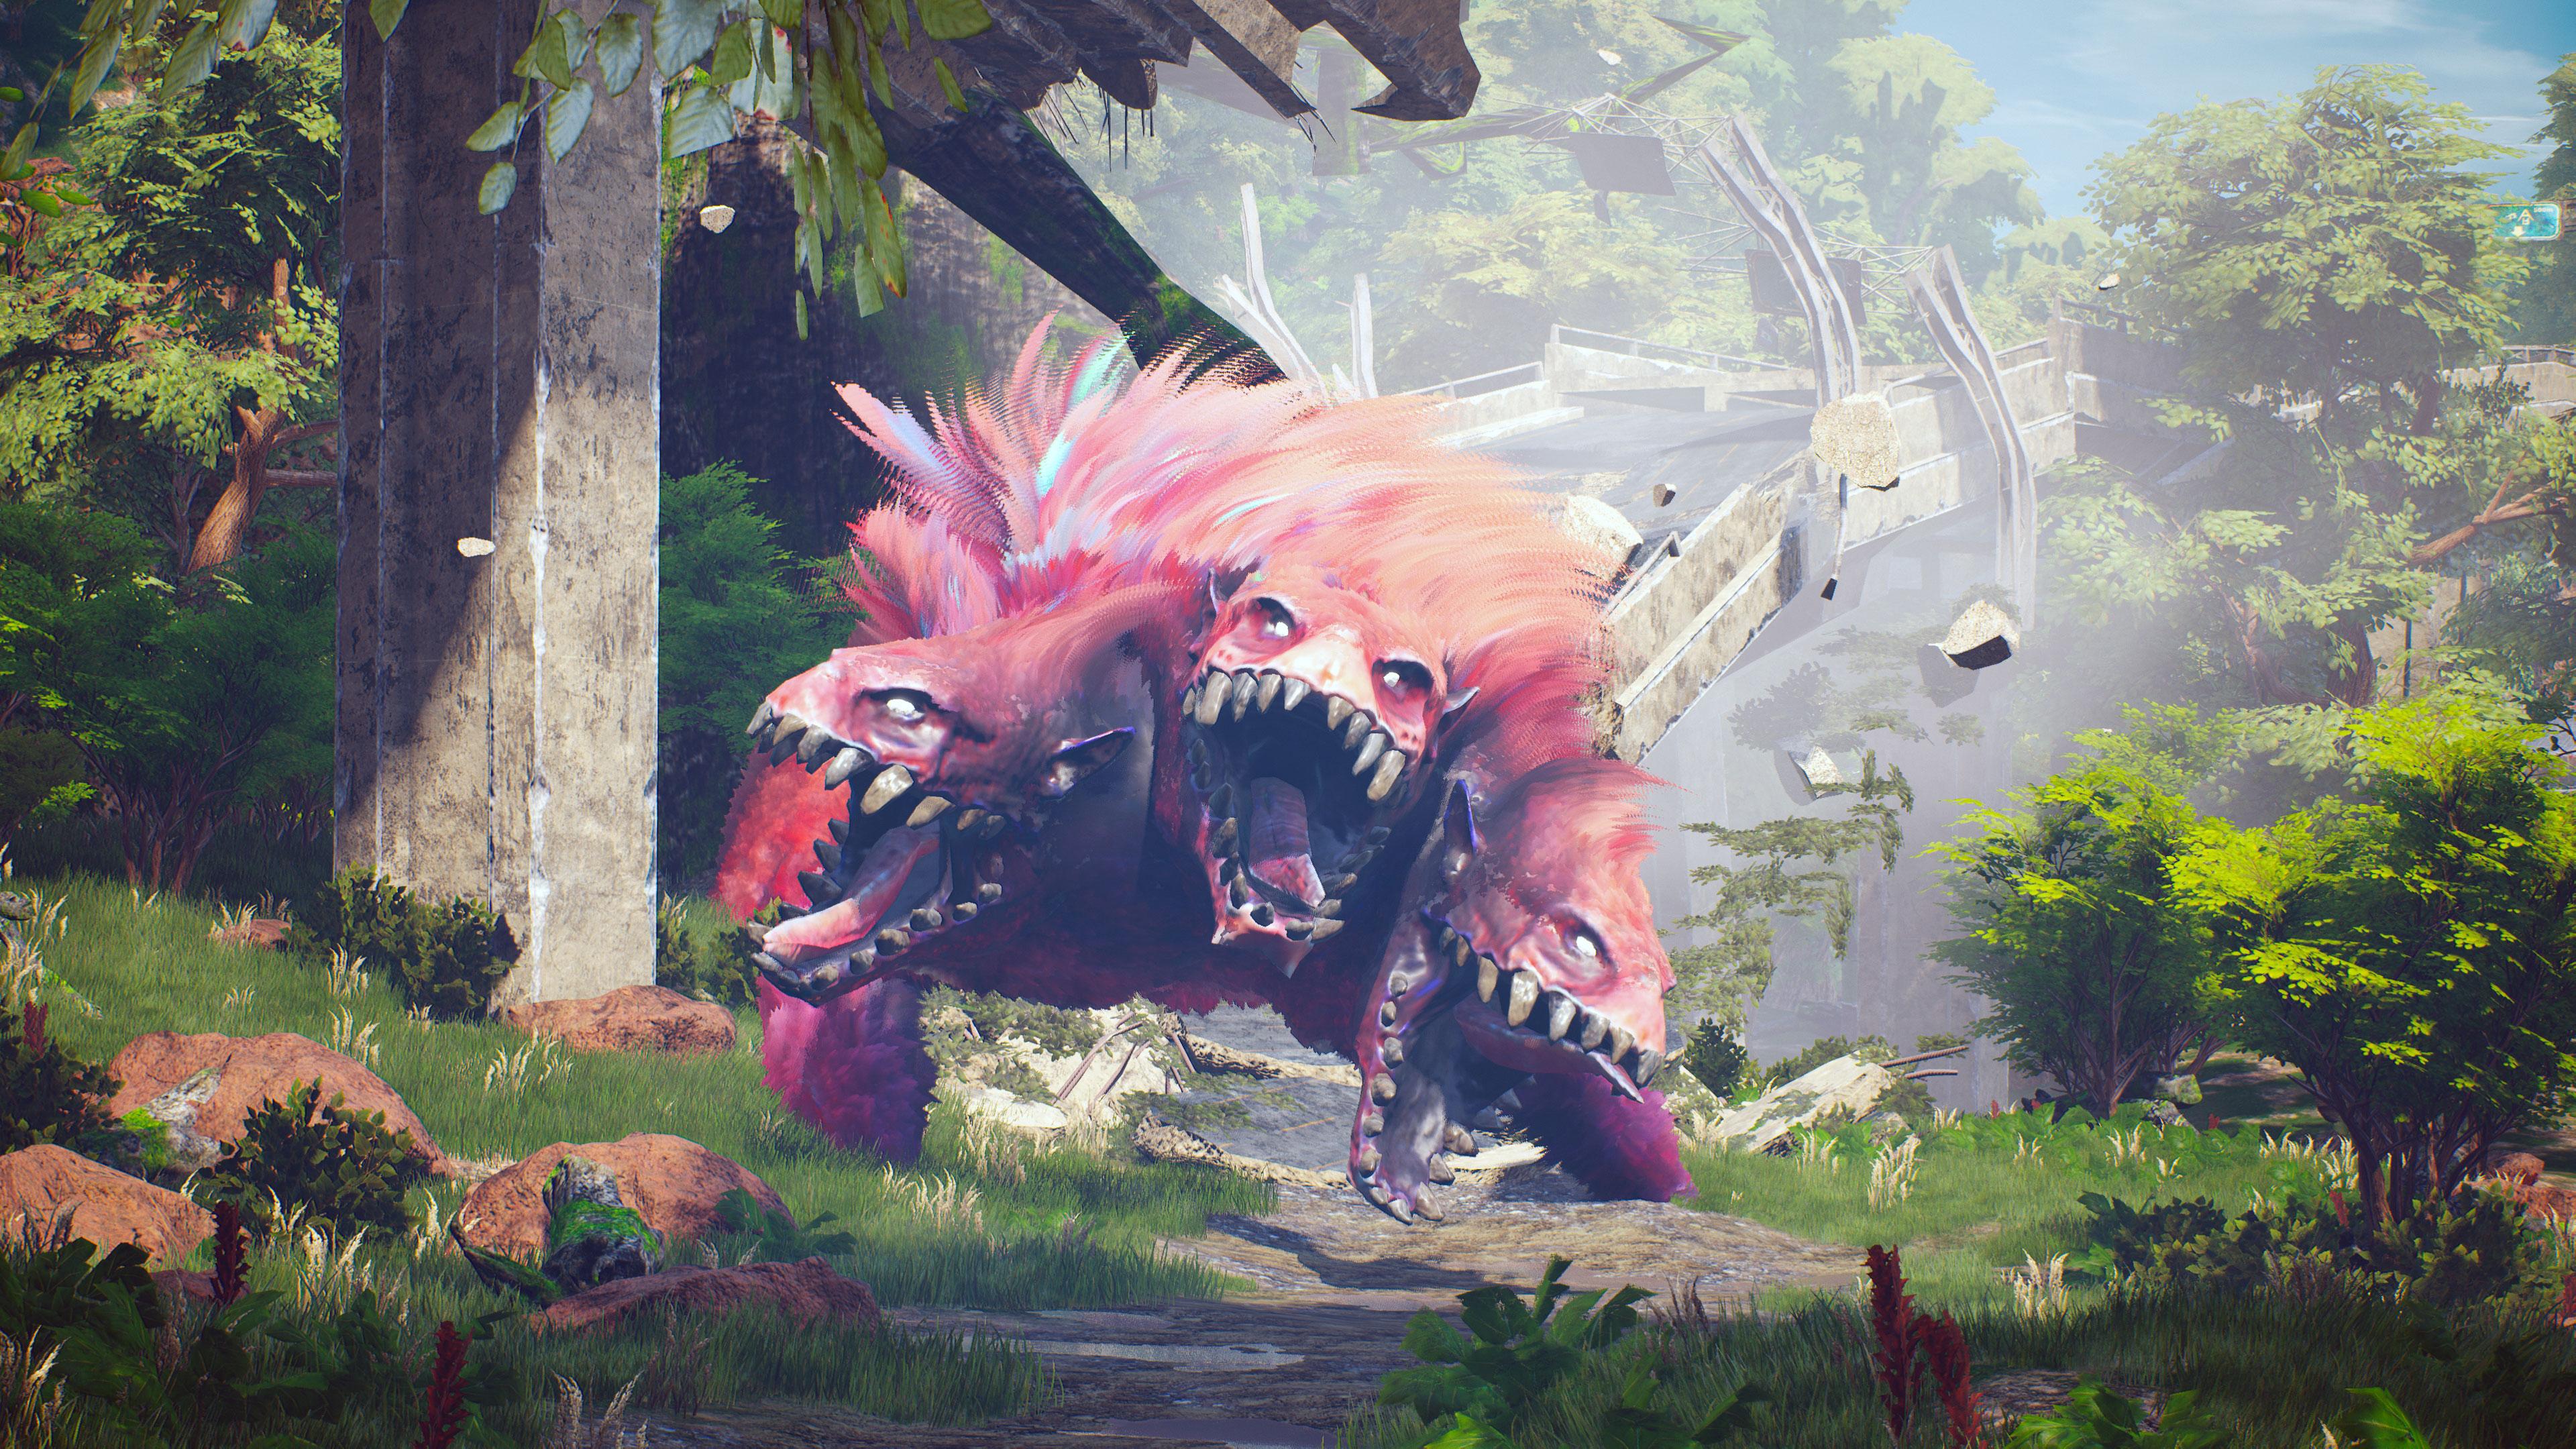 Biomutant - huge monsters